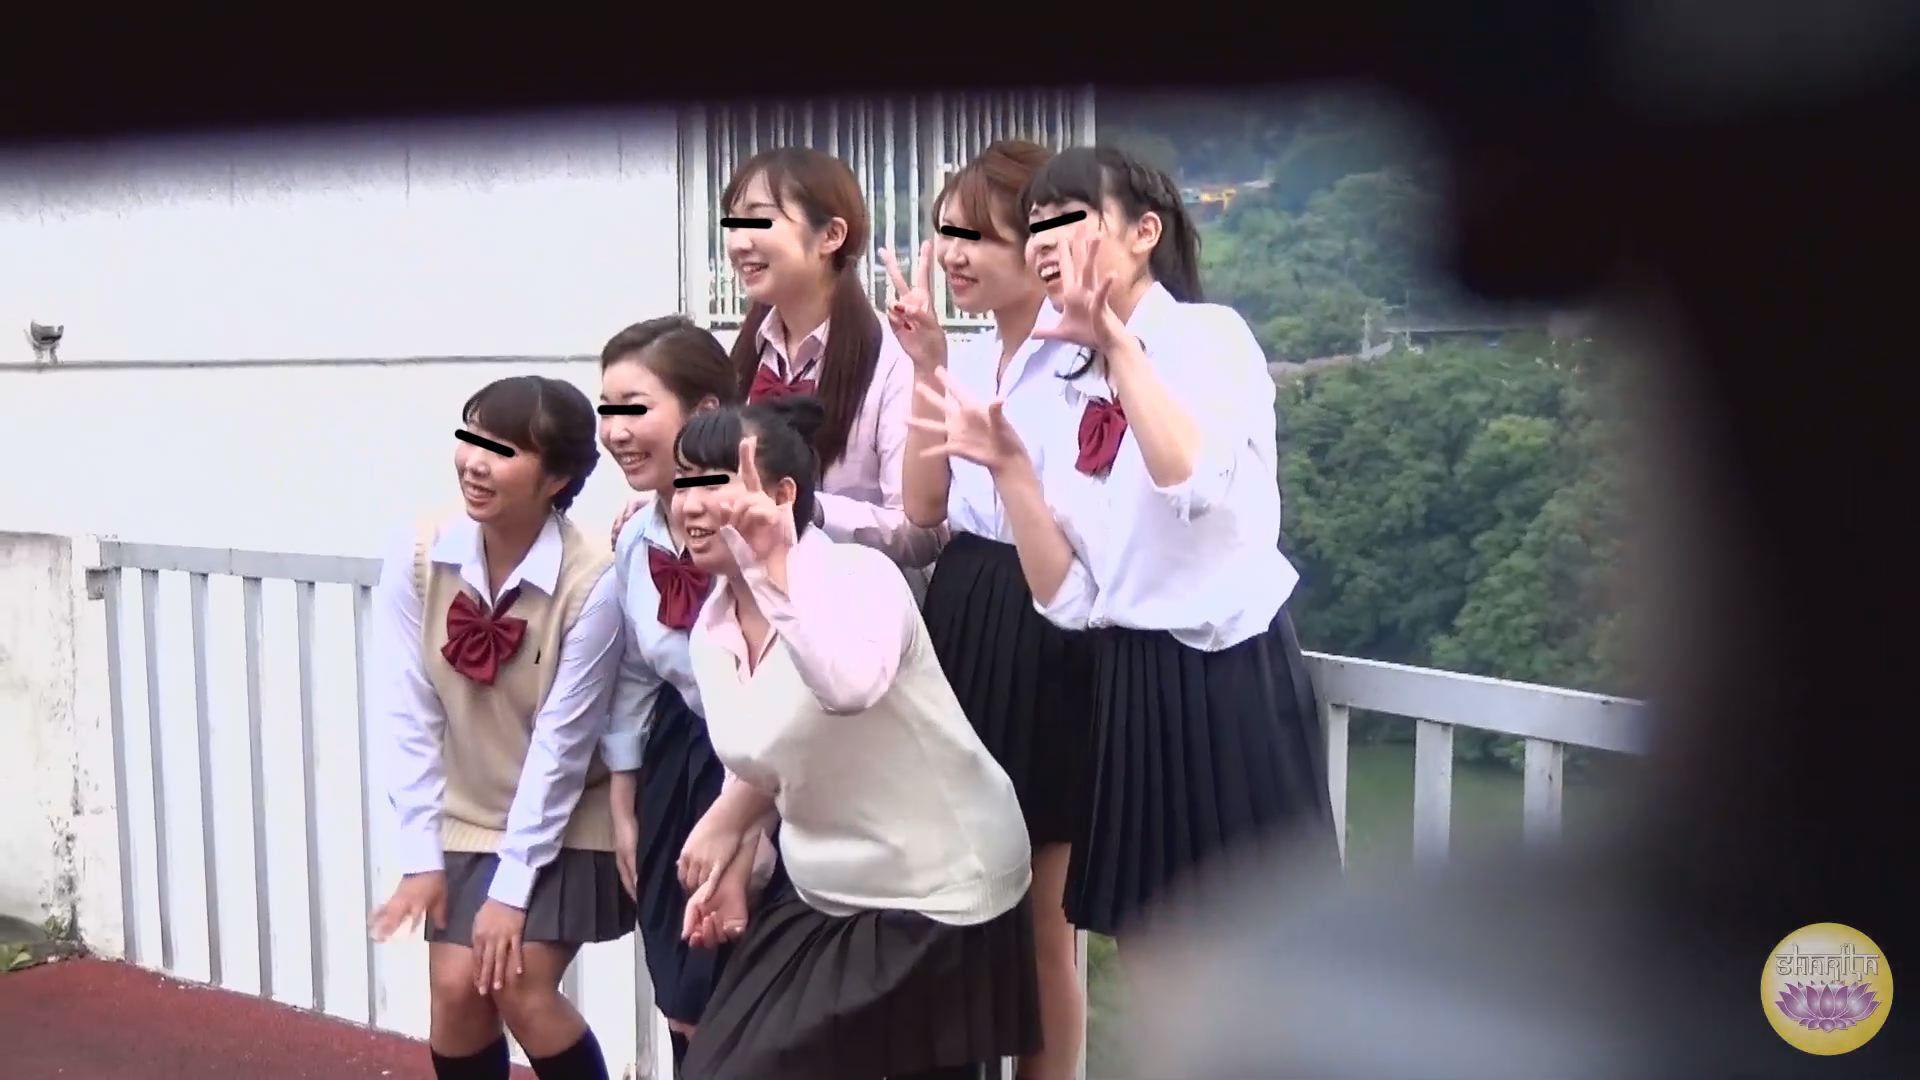 女学生隠撮 遠足野ションスポット 1